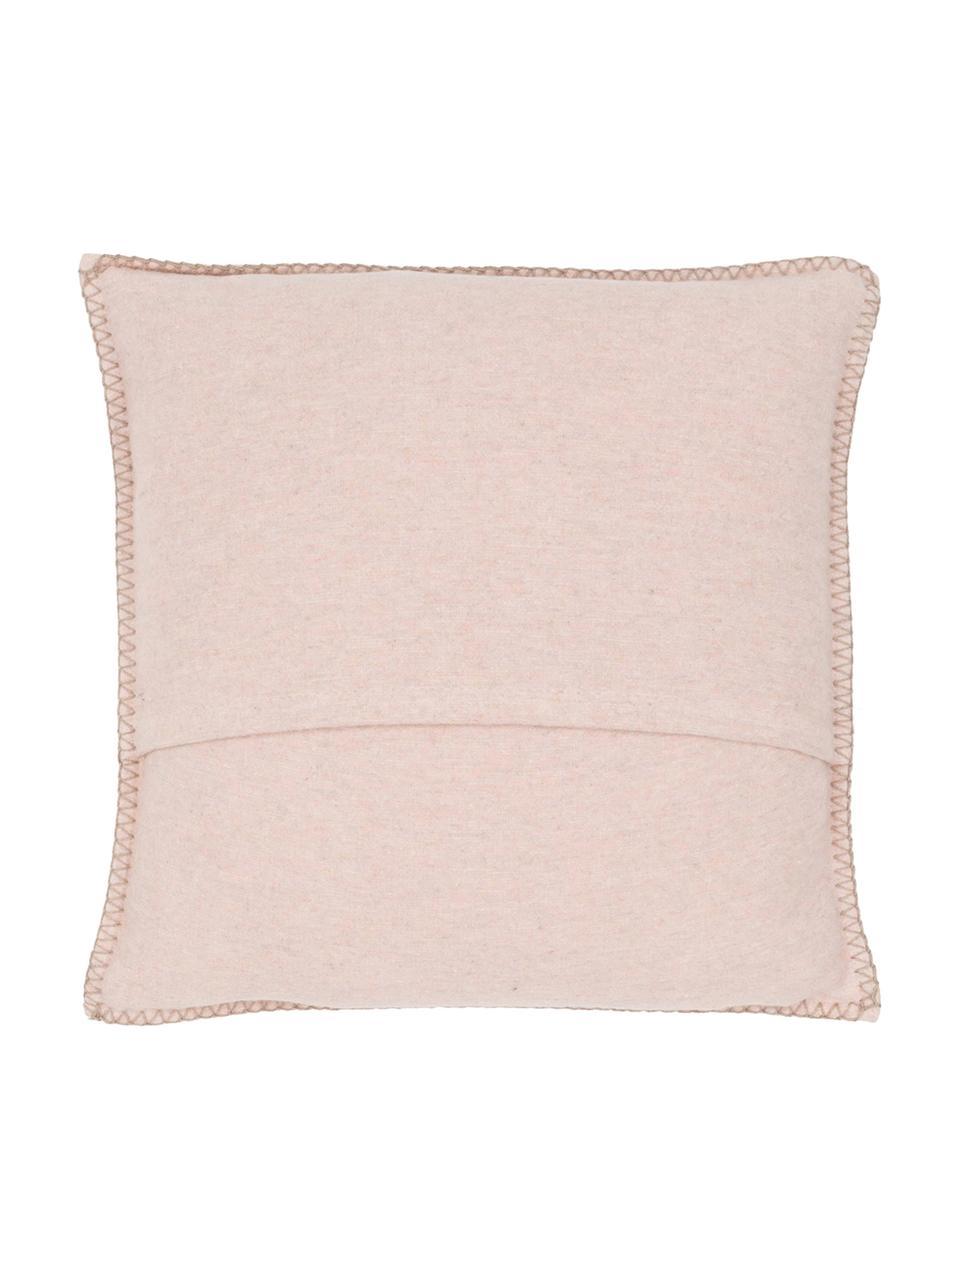 Poszewka na poduszkę z polaru Sylt, 85% bawełna, 8% wiskoza, 7% poliakryl, Brudny różowy, kremowy, S 40 x D 40 cm